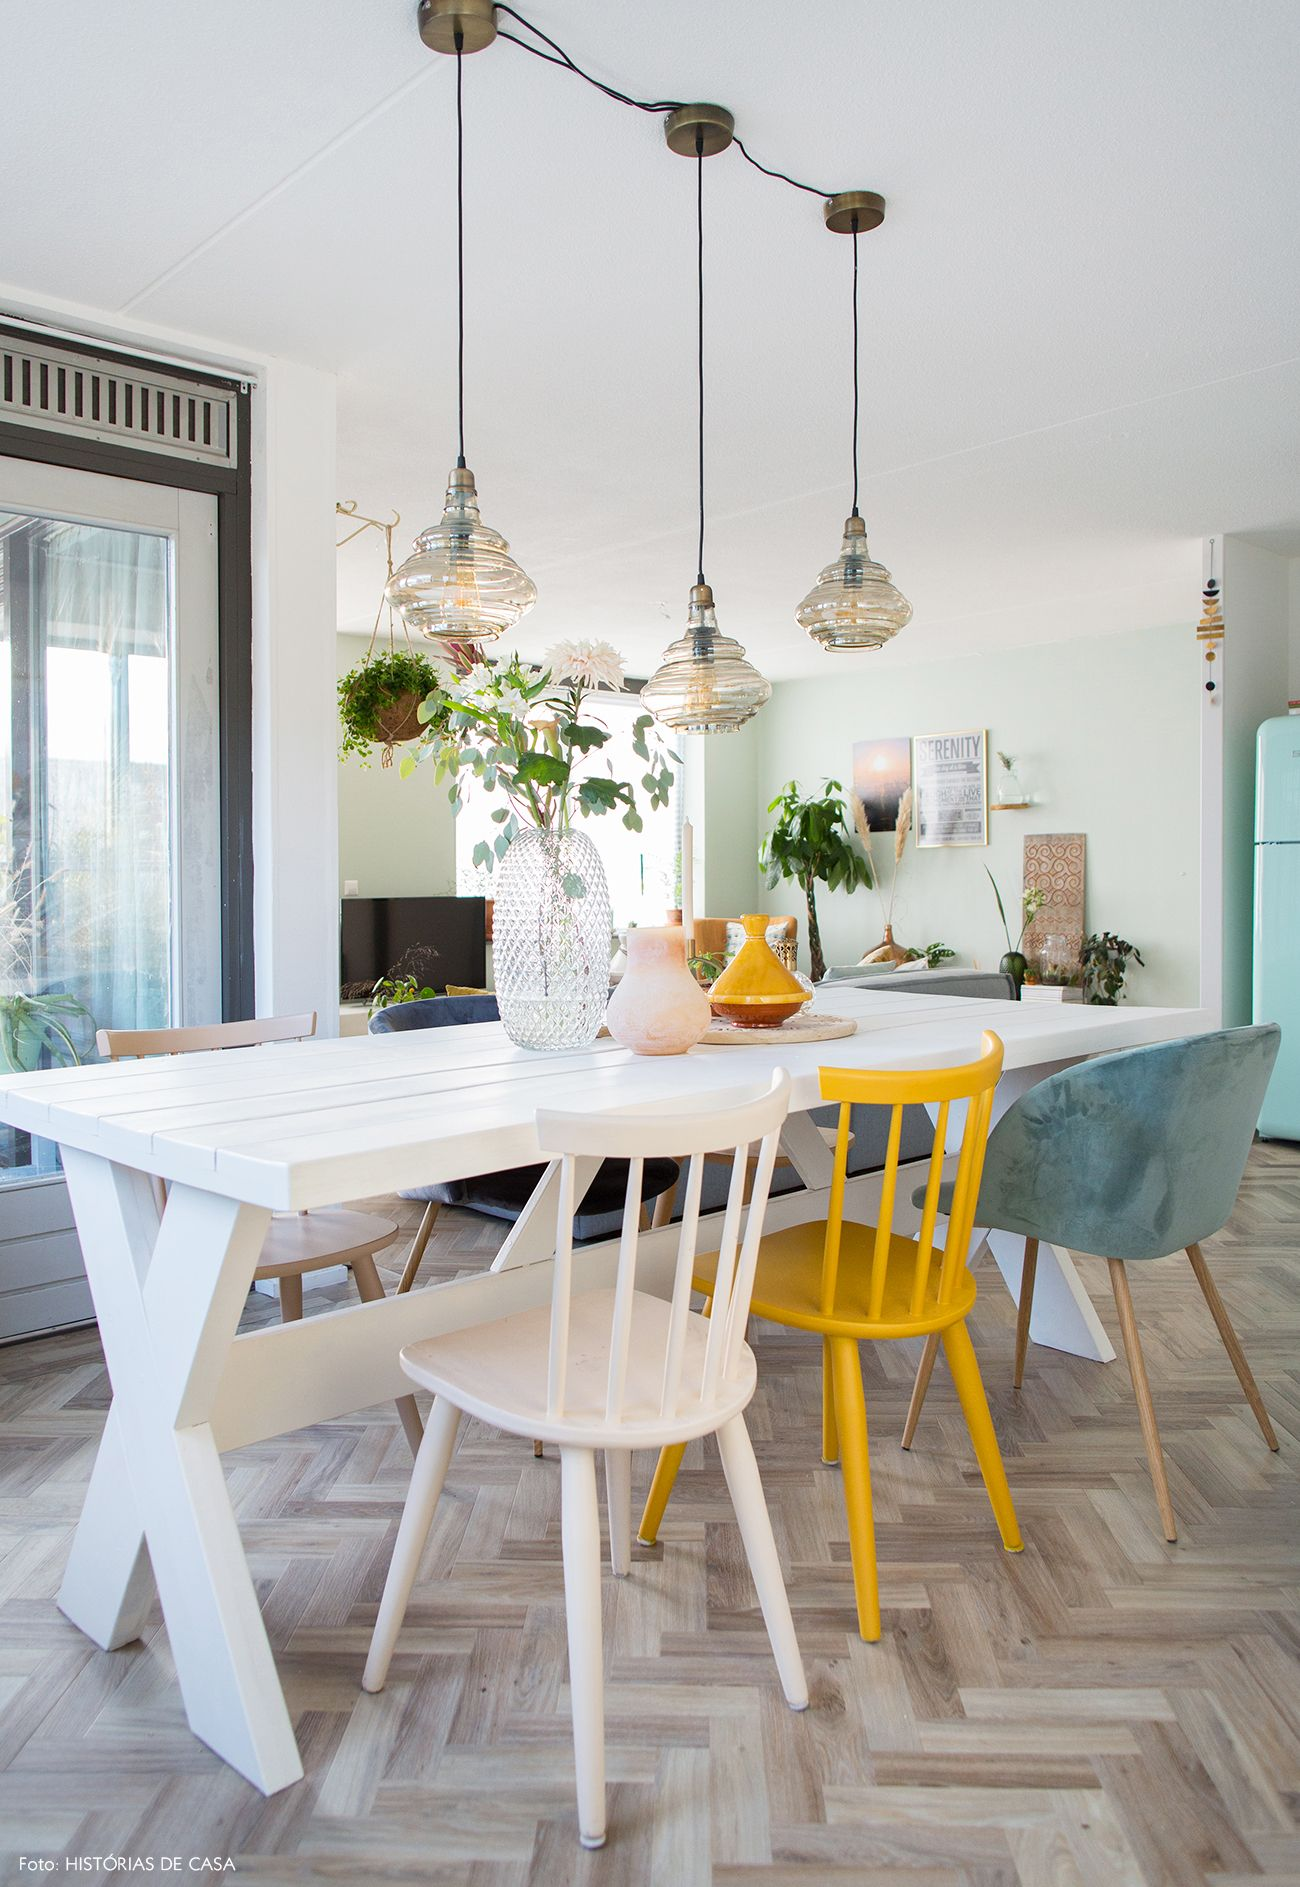 Tapete persa, sofá cinza e almofadas coloridas na sala de estar desse apê na Holanda.